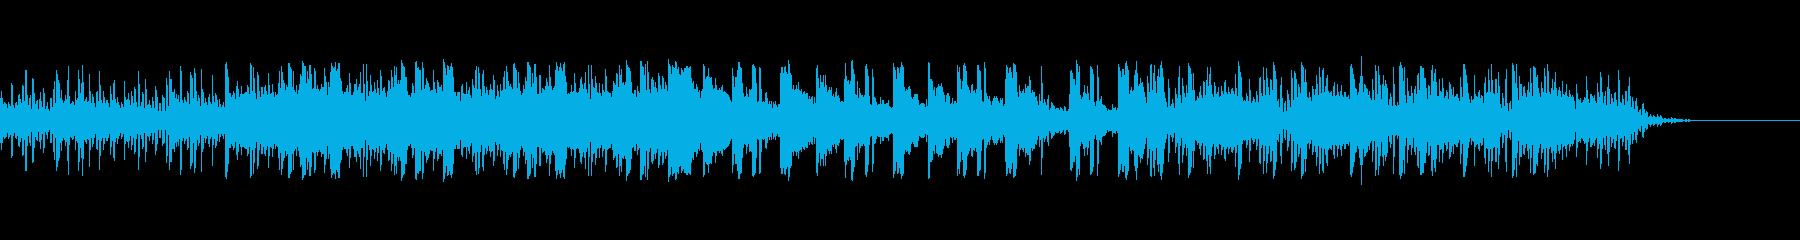 ミステリアスで緊張感のあるイメージの楽曲の再生済みの波形